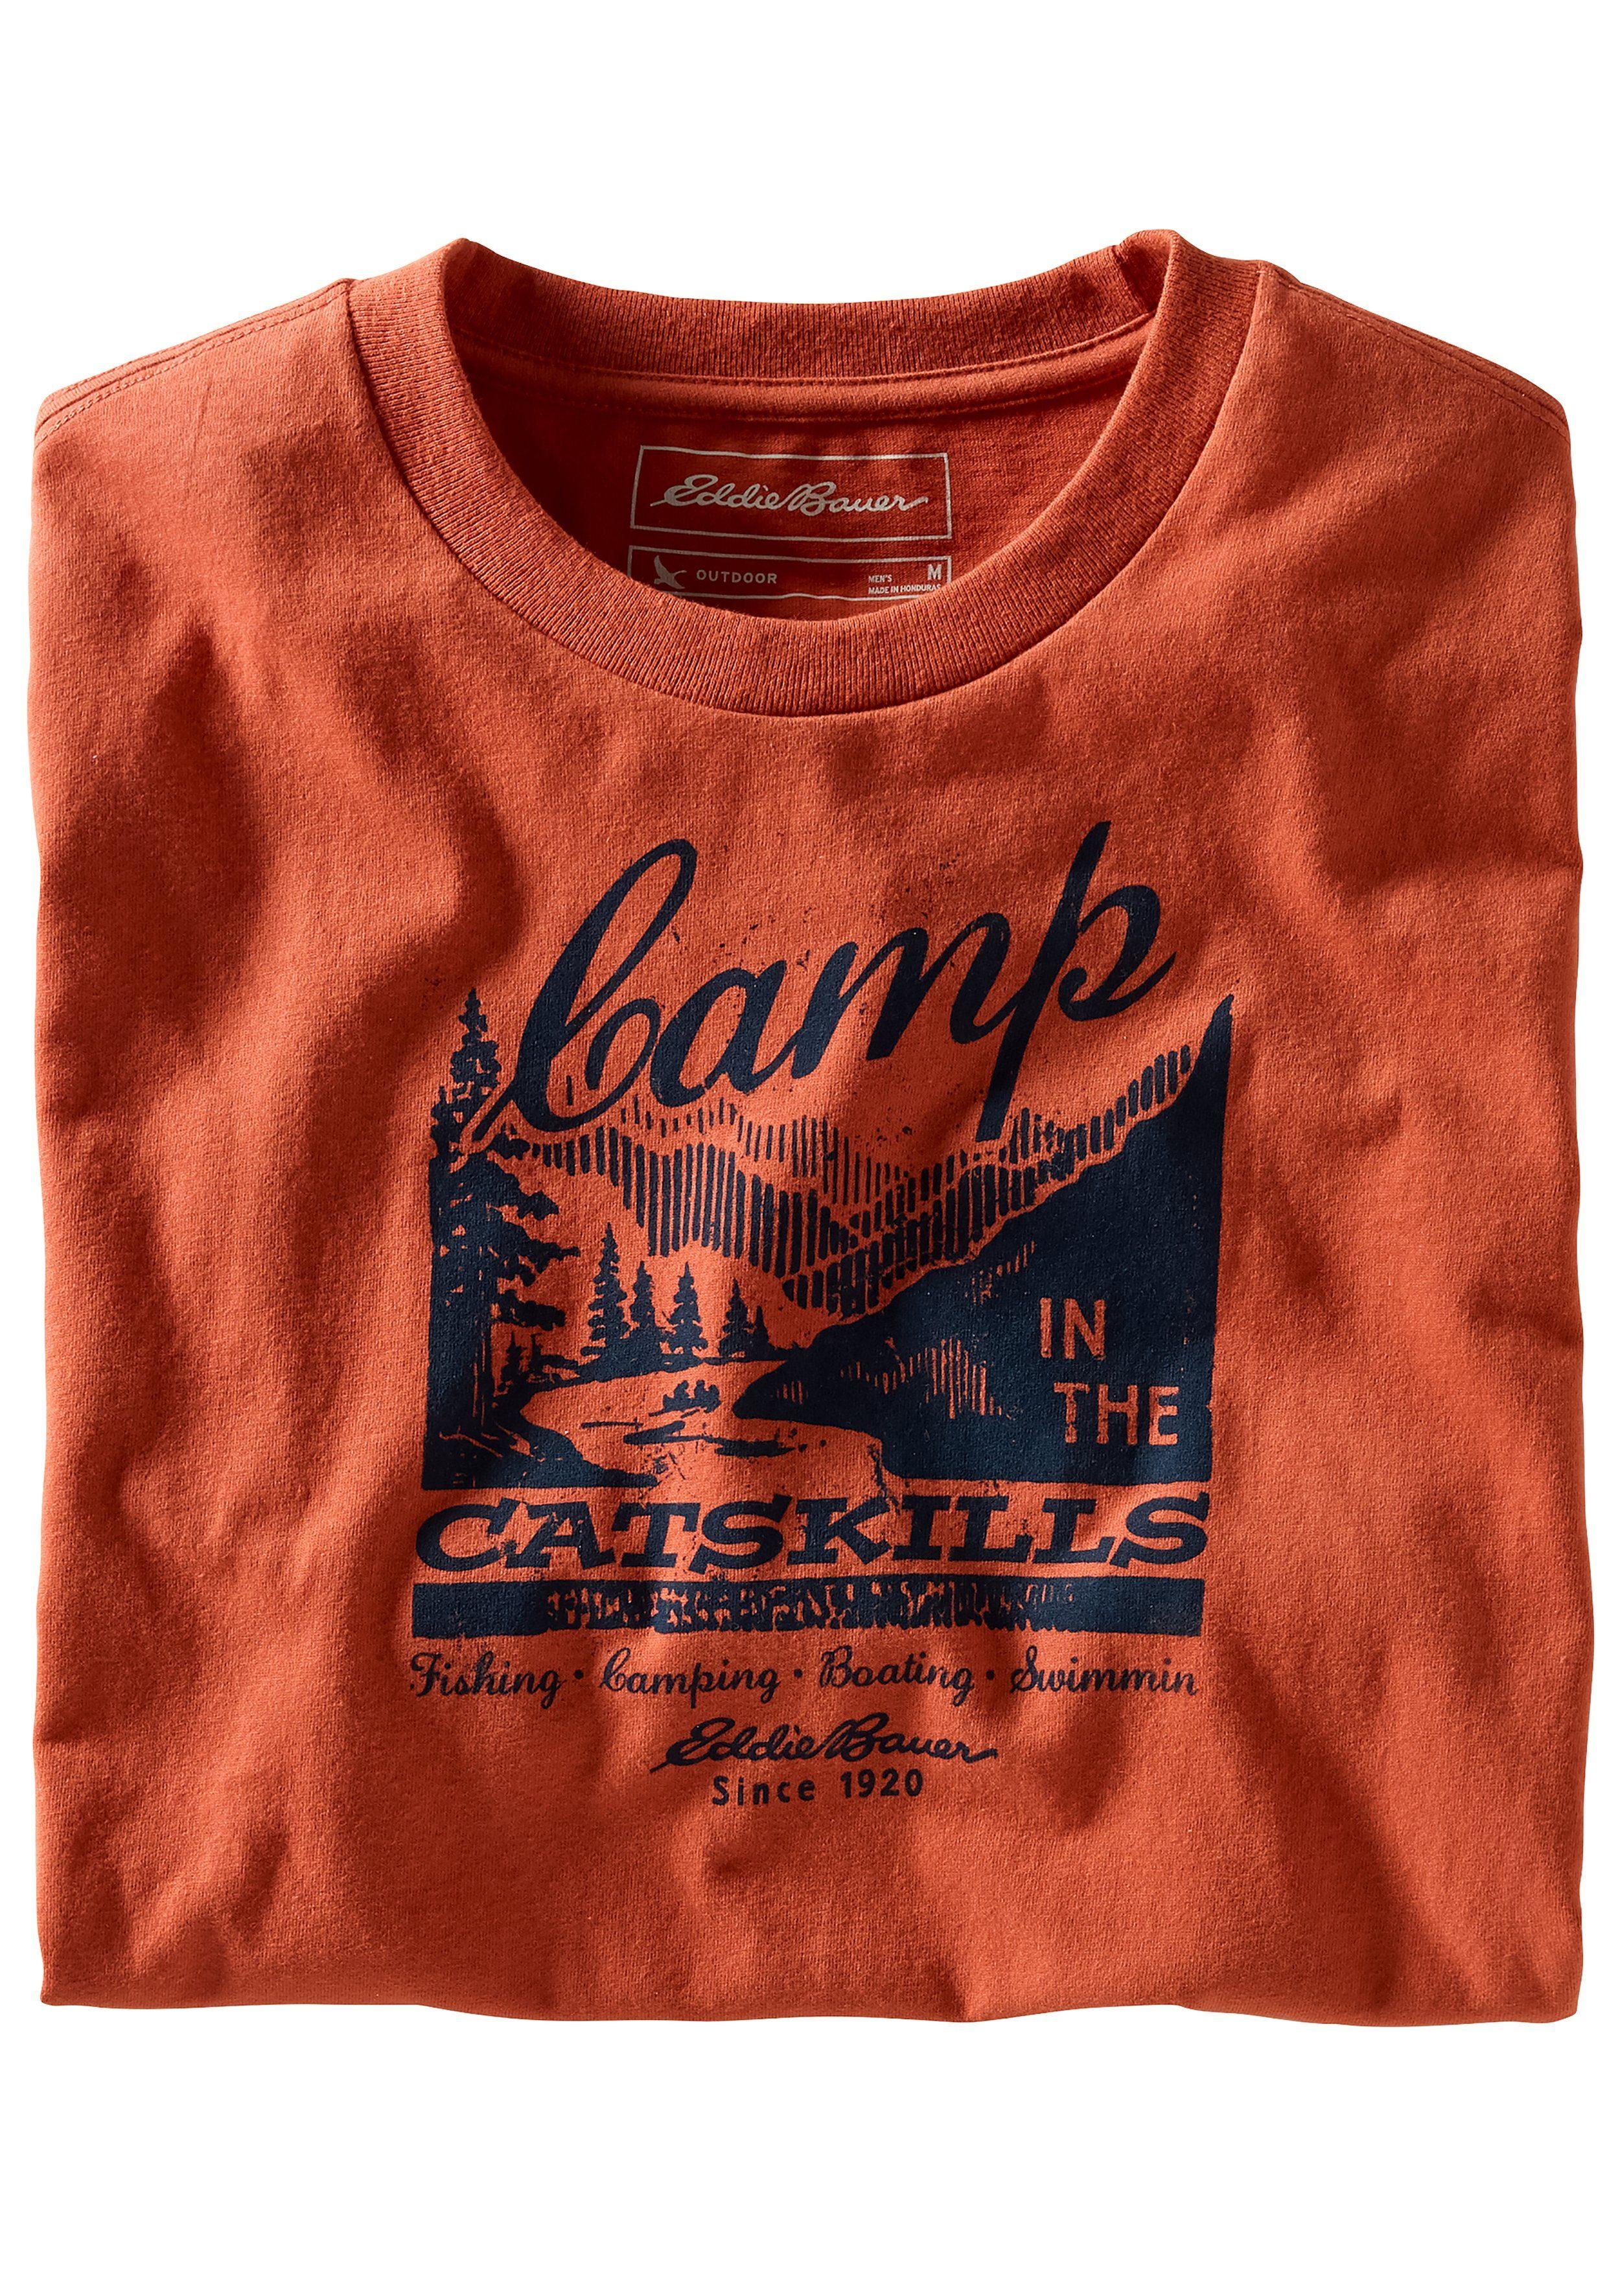 Eddie Bauer T-Shirt Camp Catskills